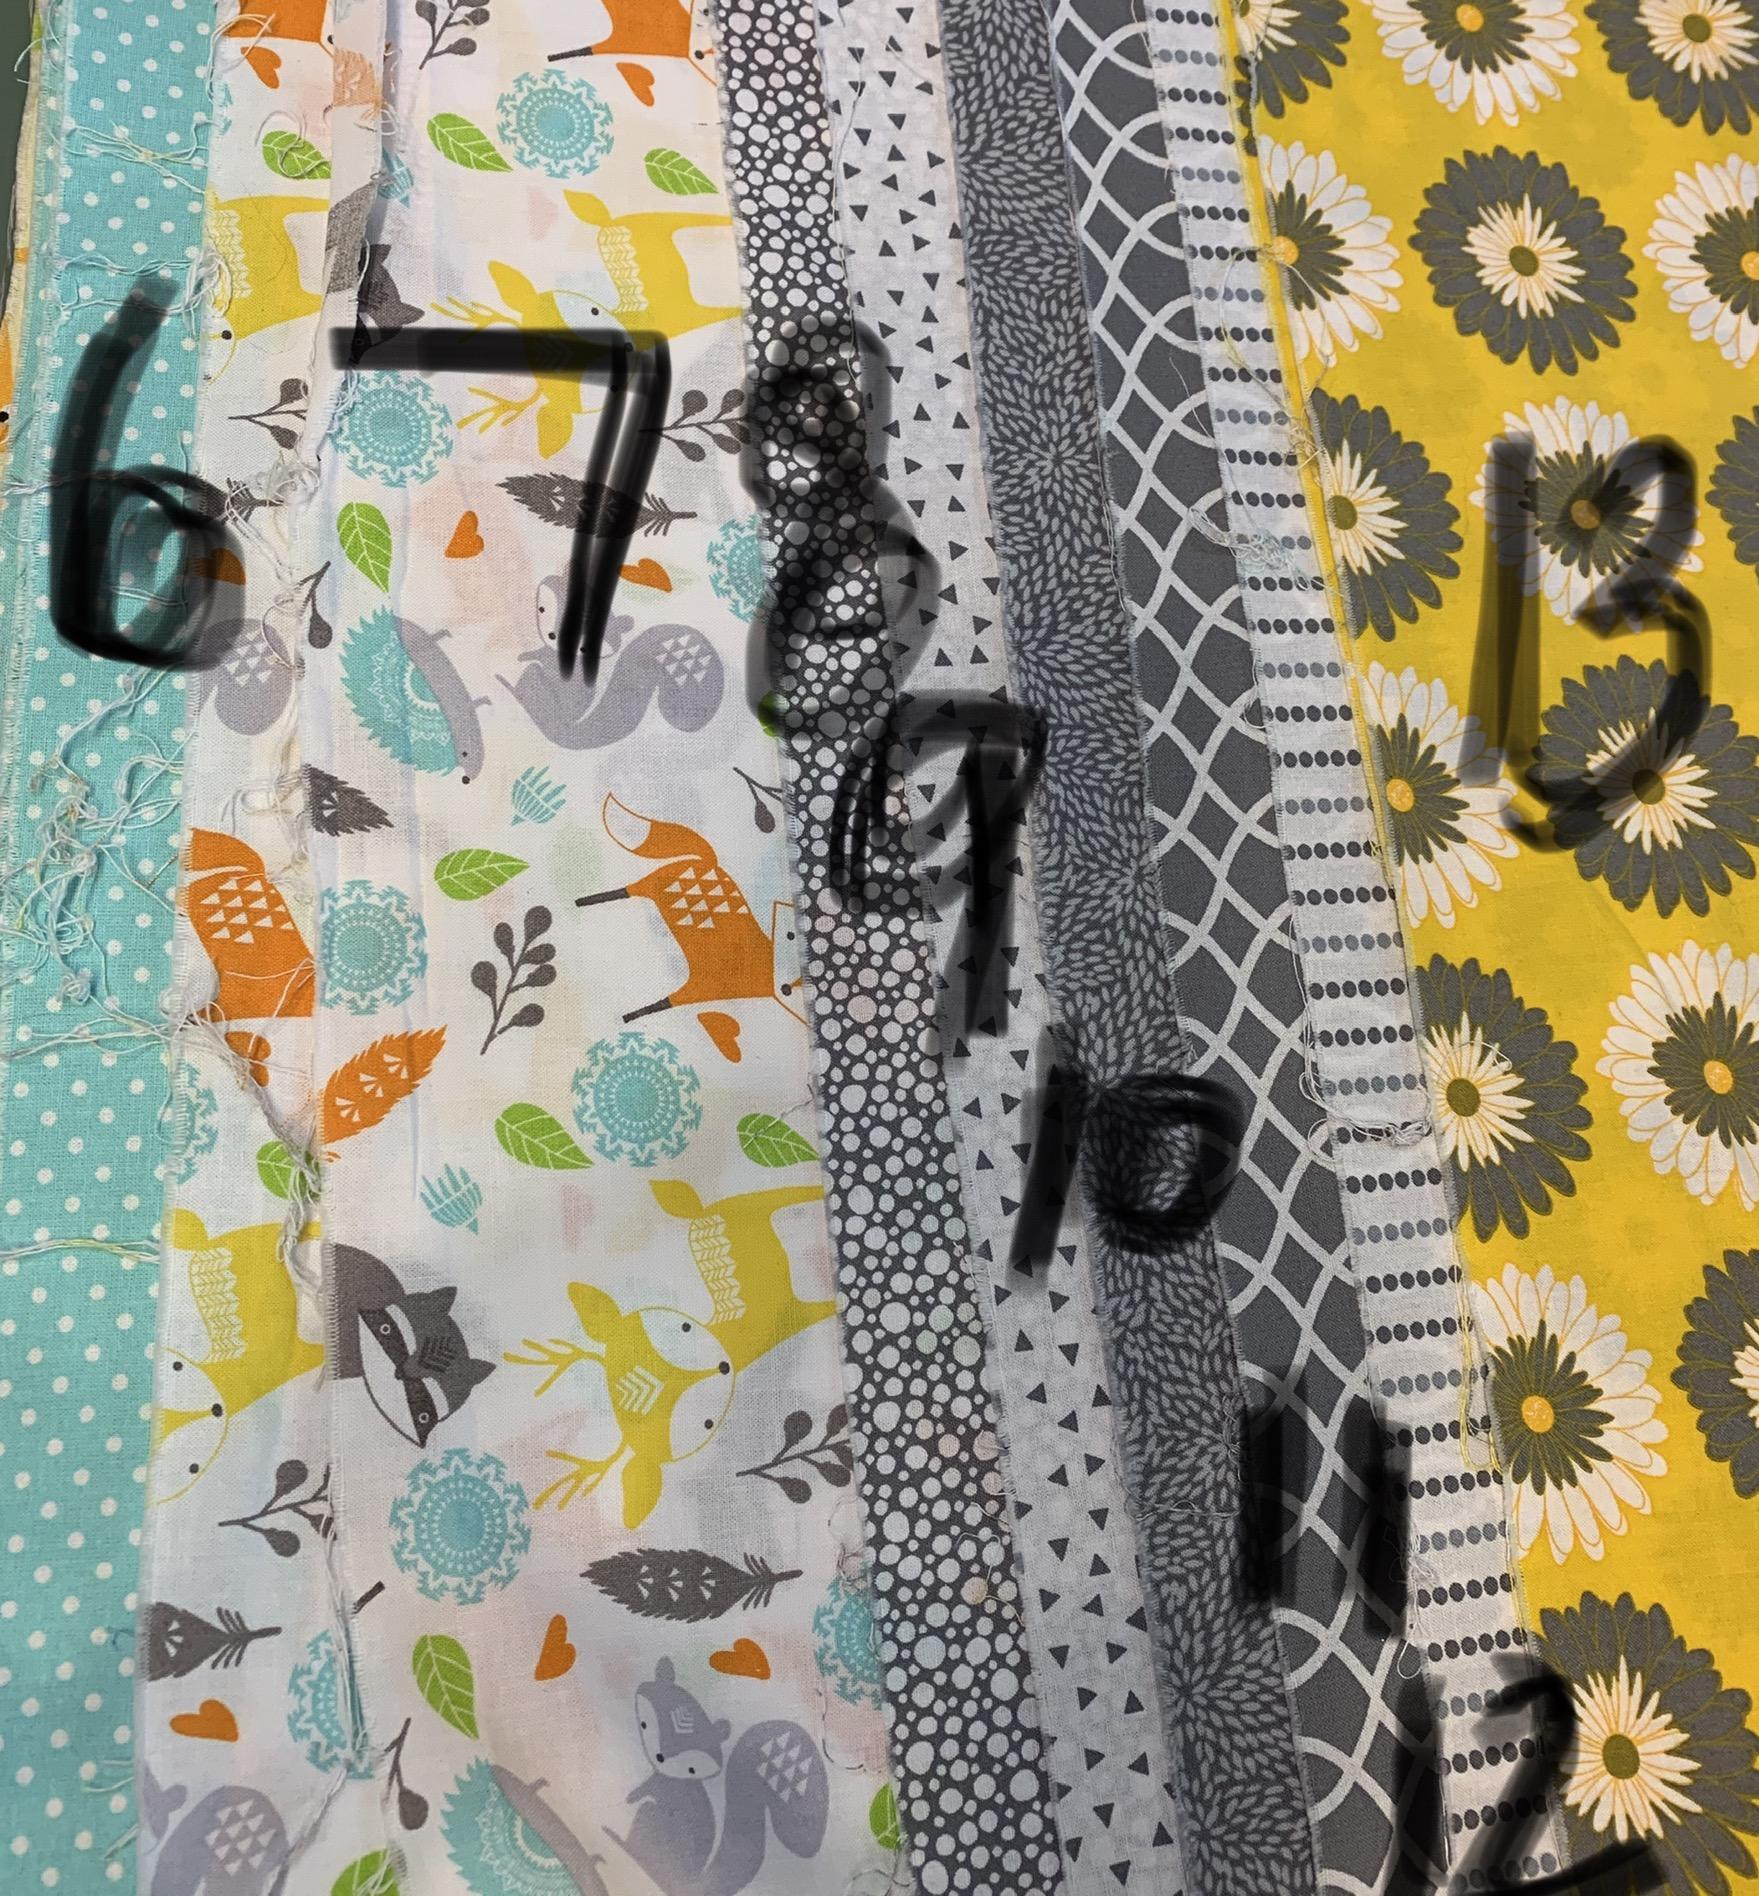 Fun patterns 6-13